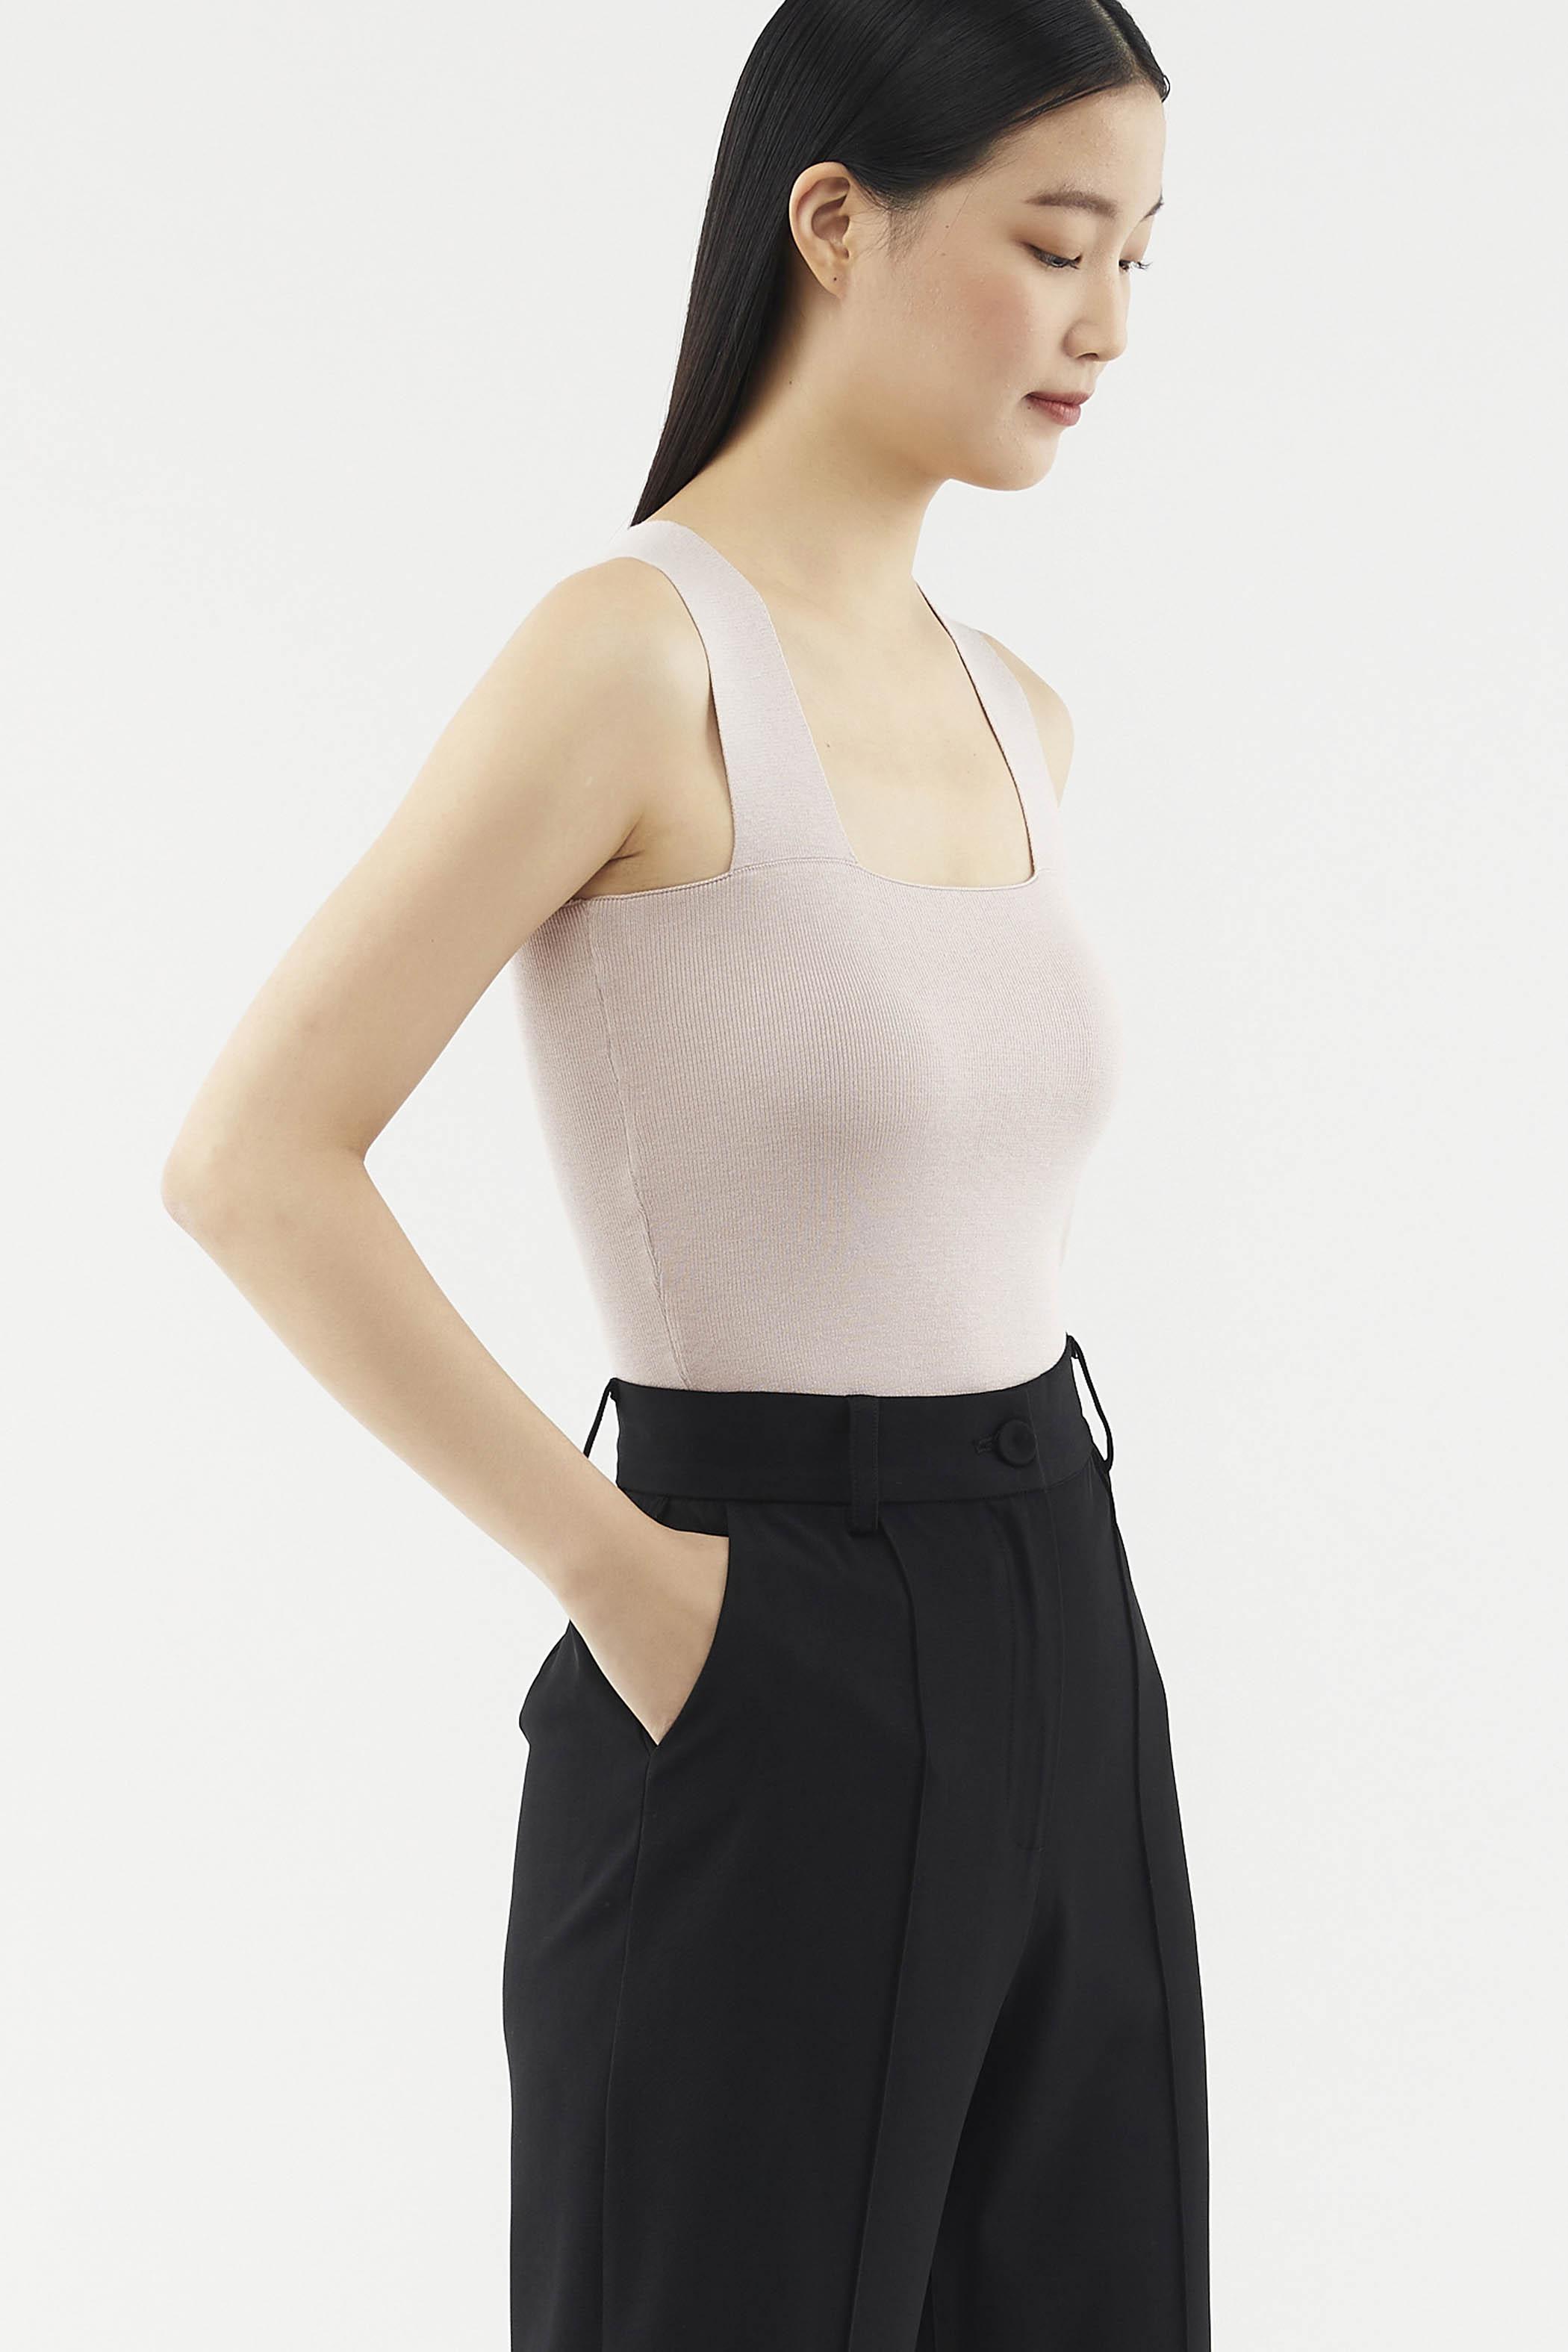 Lucita Square-neck Top